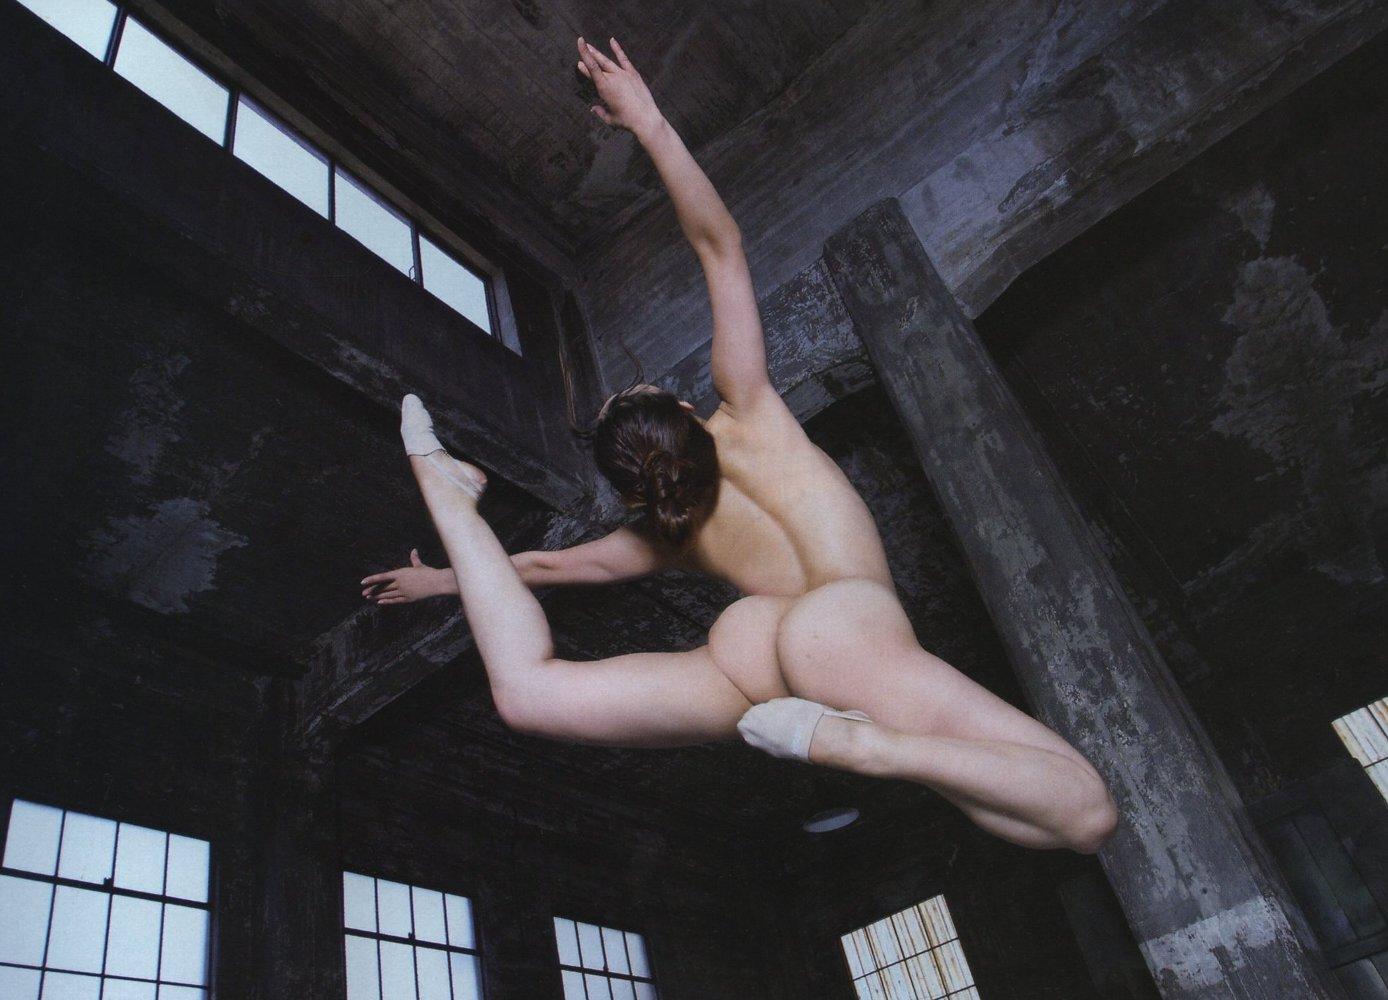 【女体エロ画像】女子が全裸で激しく躍動中…くっそエロいけどなんか馬鹿www  07